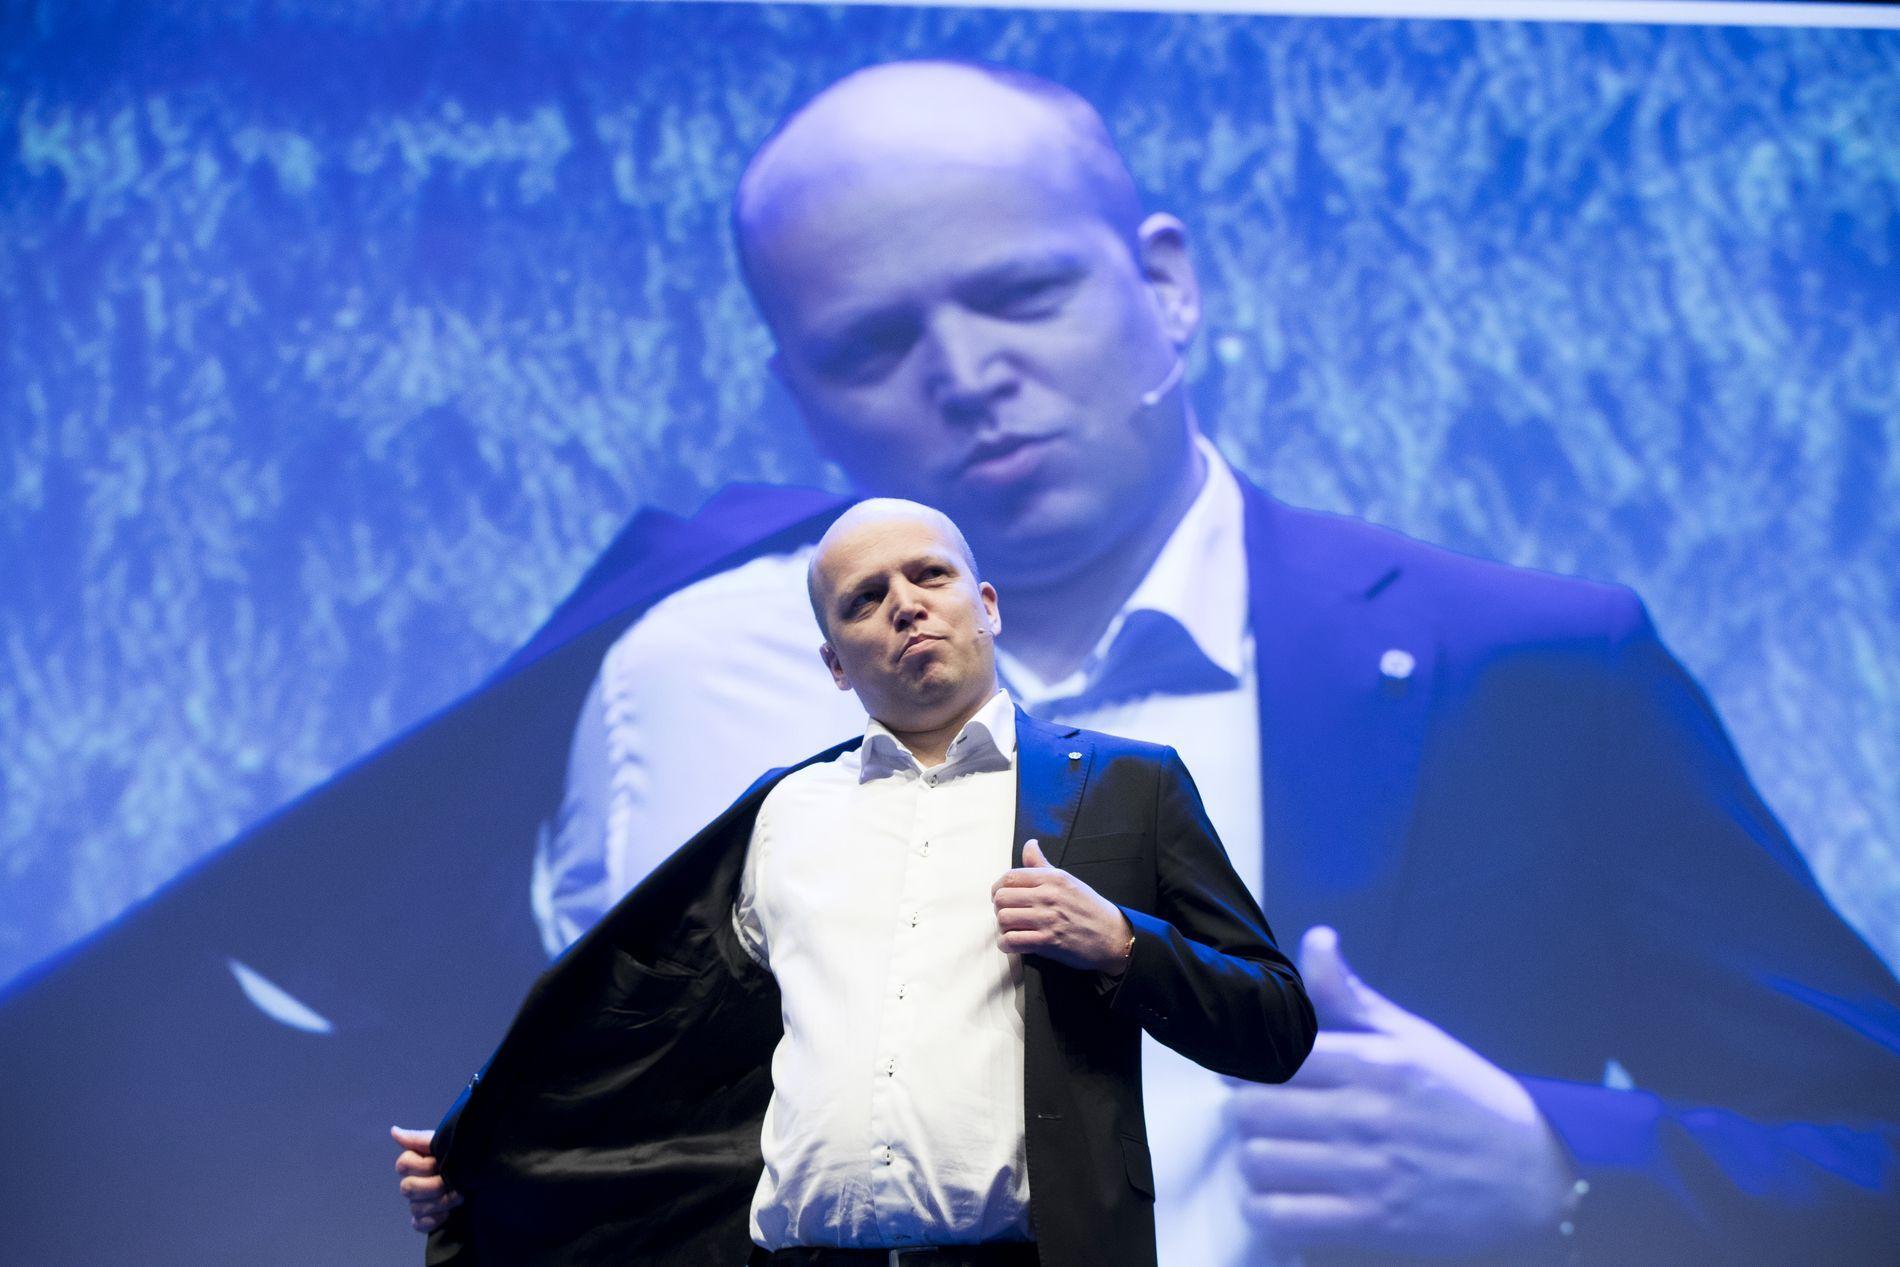 DISTRIKTER: – Om ikkje Trygve Slagsvold Vedum (bildet) har gode svar (noko han ikkje har), så maktar han i alle fall å sjå distrikts-Noreg nedanfrå, og er tøff nok til å seie ifrå, skriv Venstre-politikar Alfred Bjørlo.